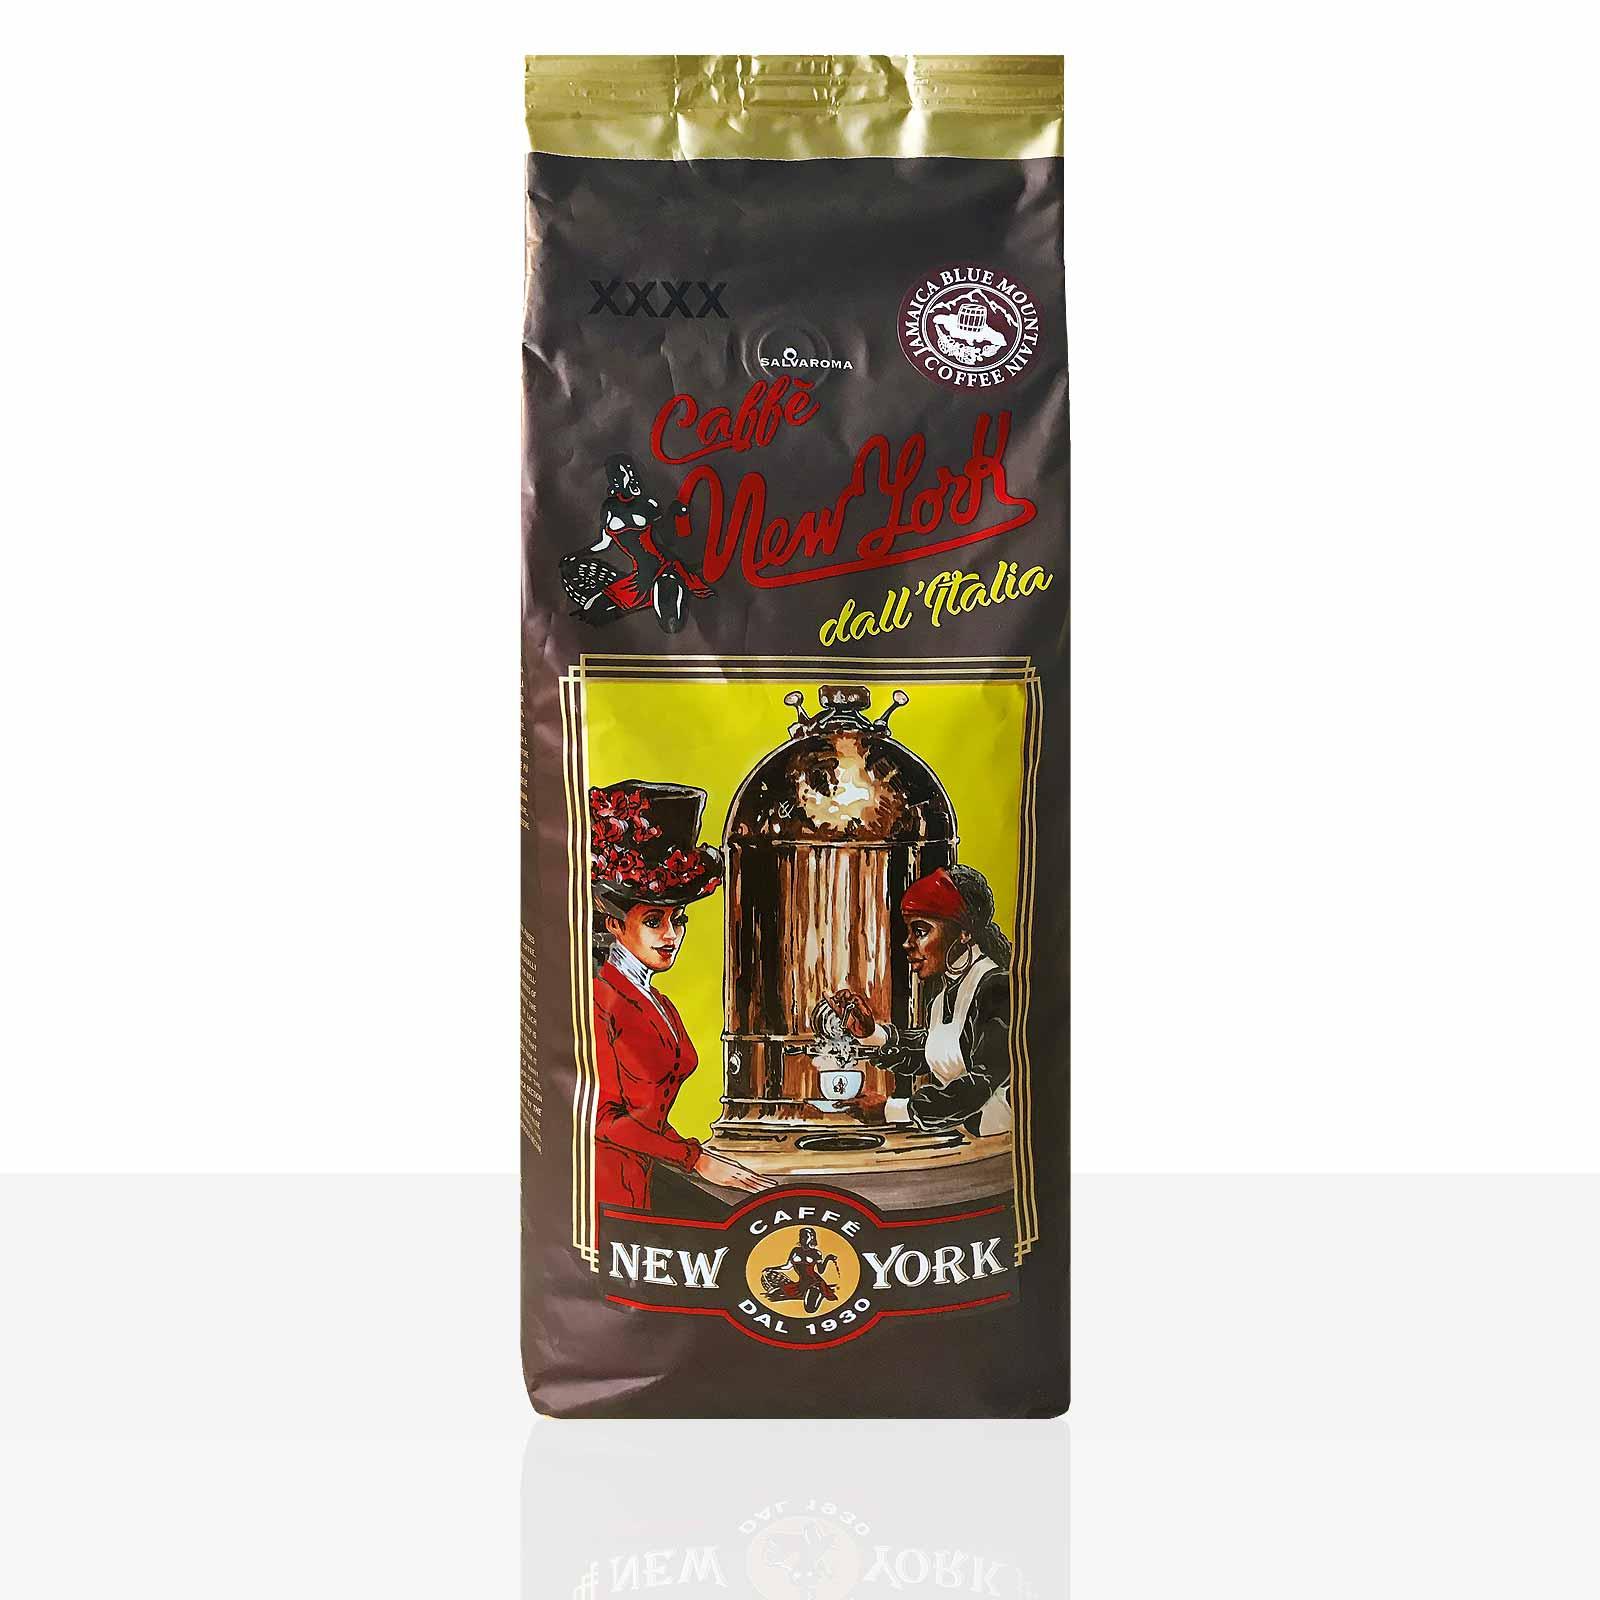 New York Caffe XXXX Espresso 1kg Kaffee ganze Bohne